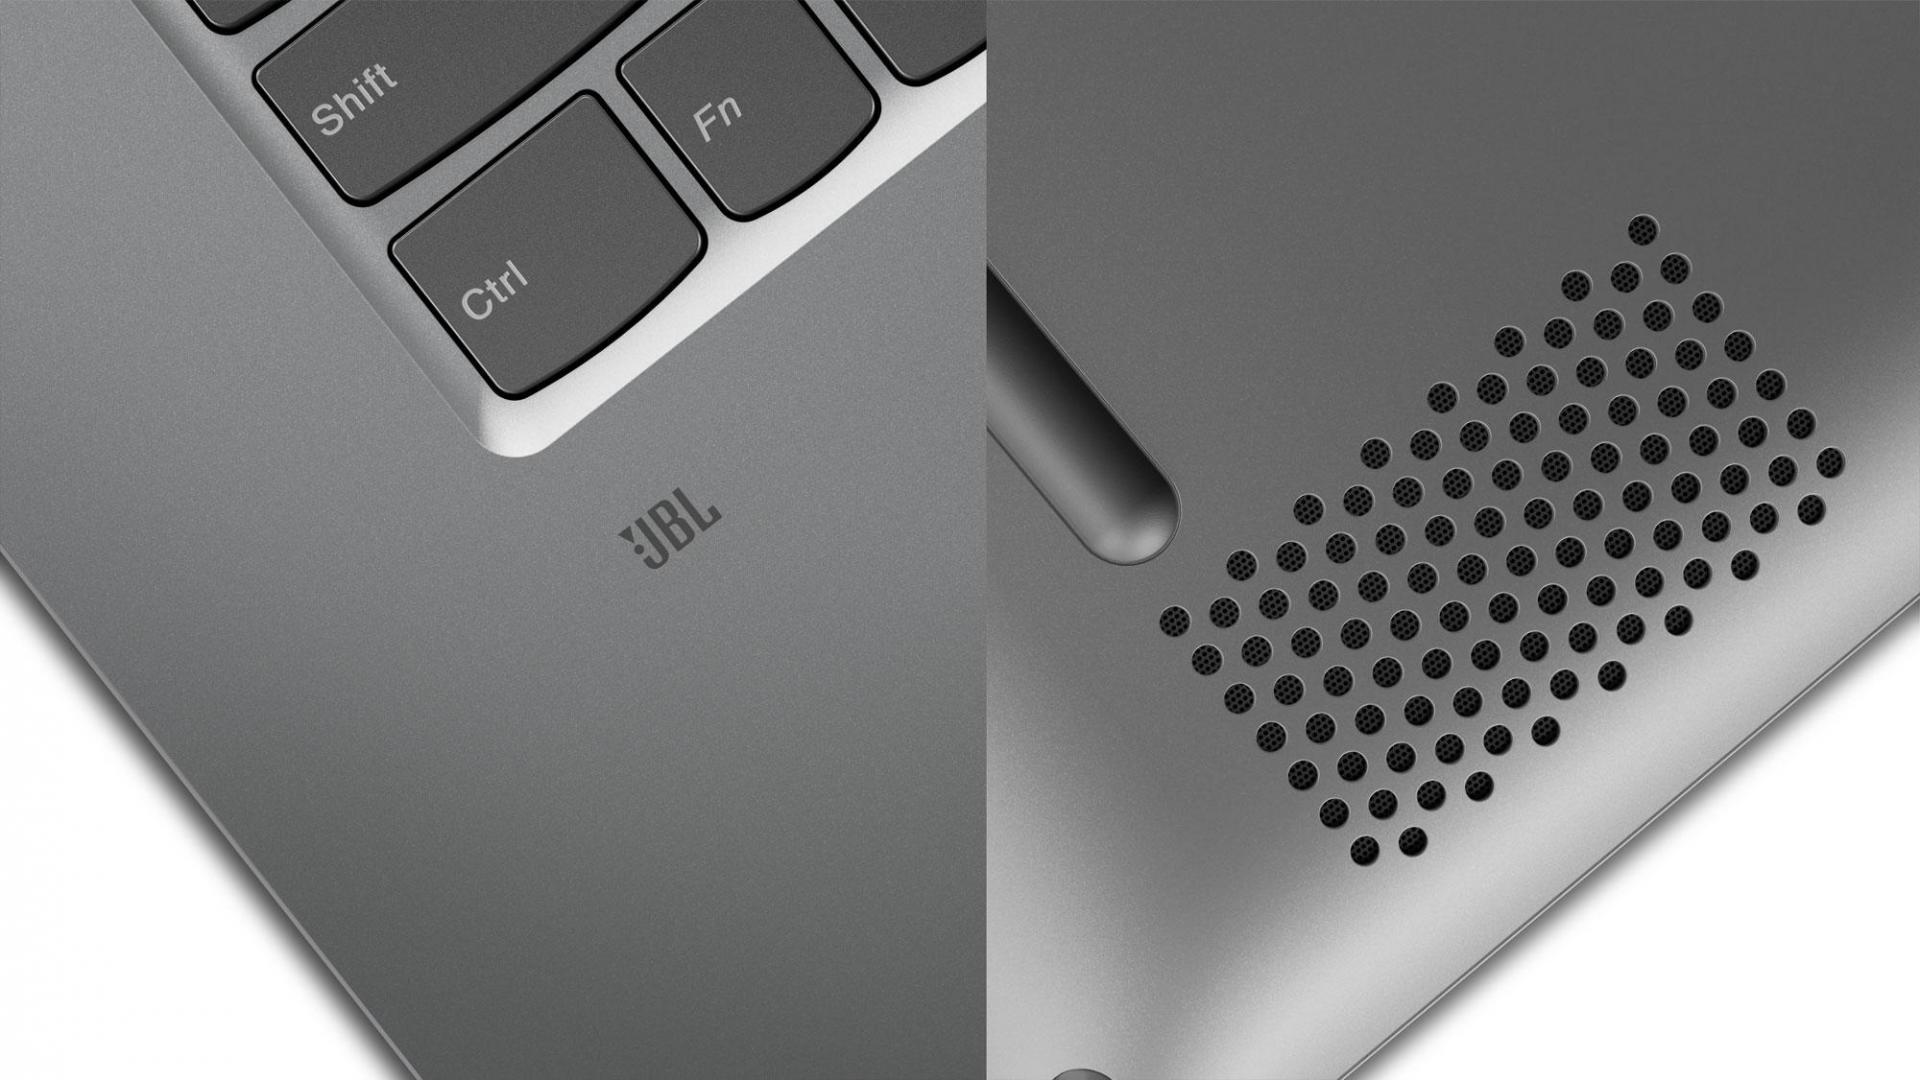 Lenovo Yoga 720-15 появится в продаже уже в августе